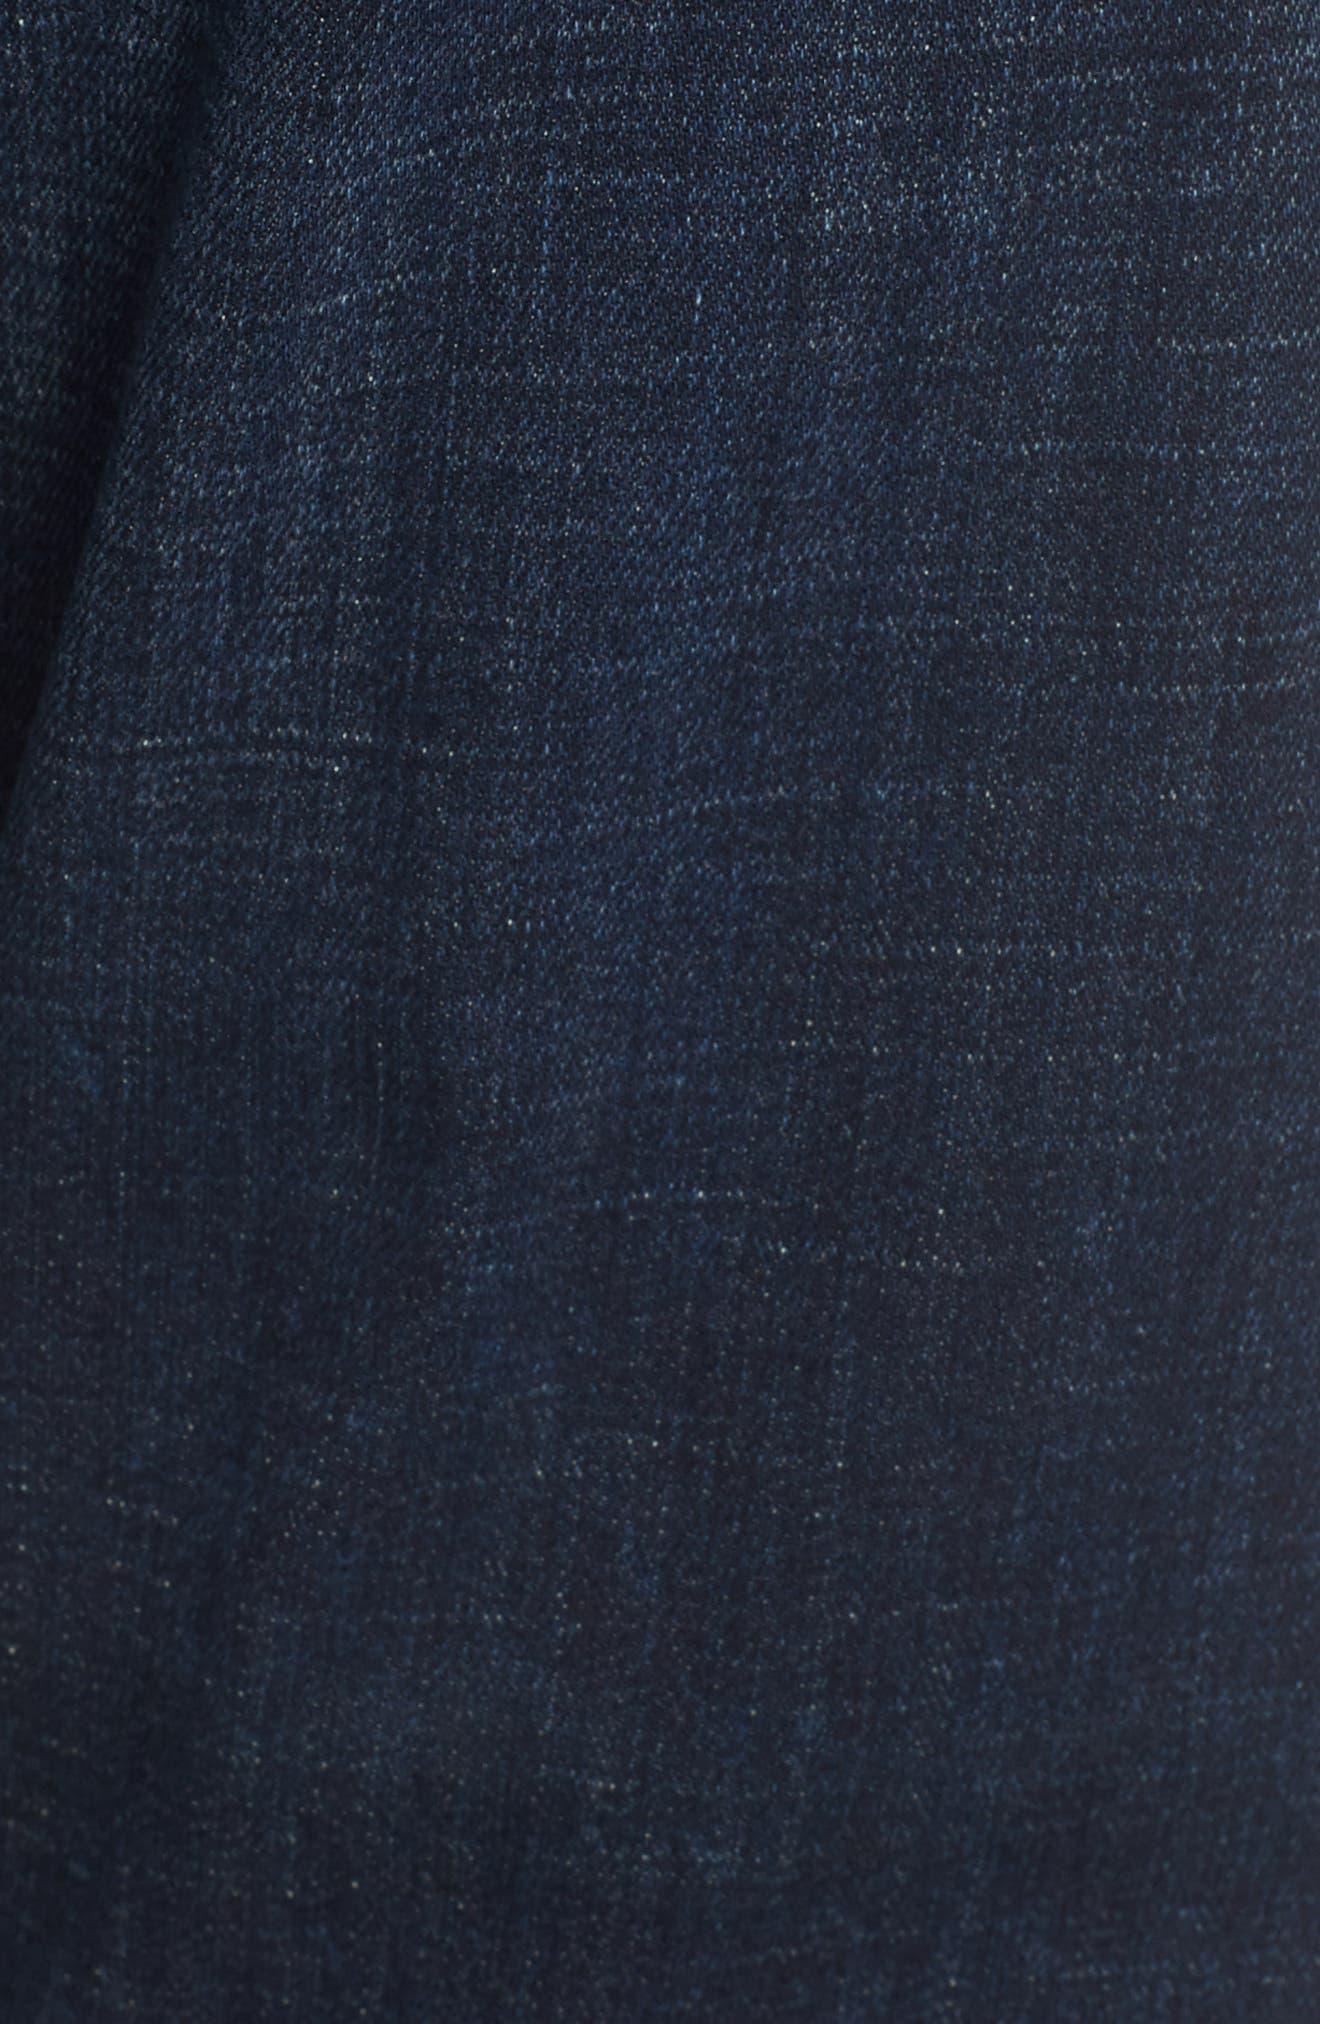 Emerson Slim Boyfriend Jeans,                             Alternate thumbnail 5, color,                             408